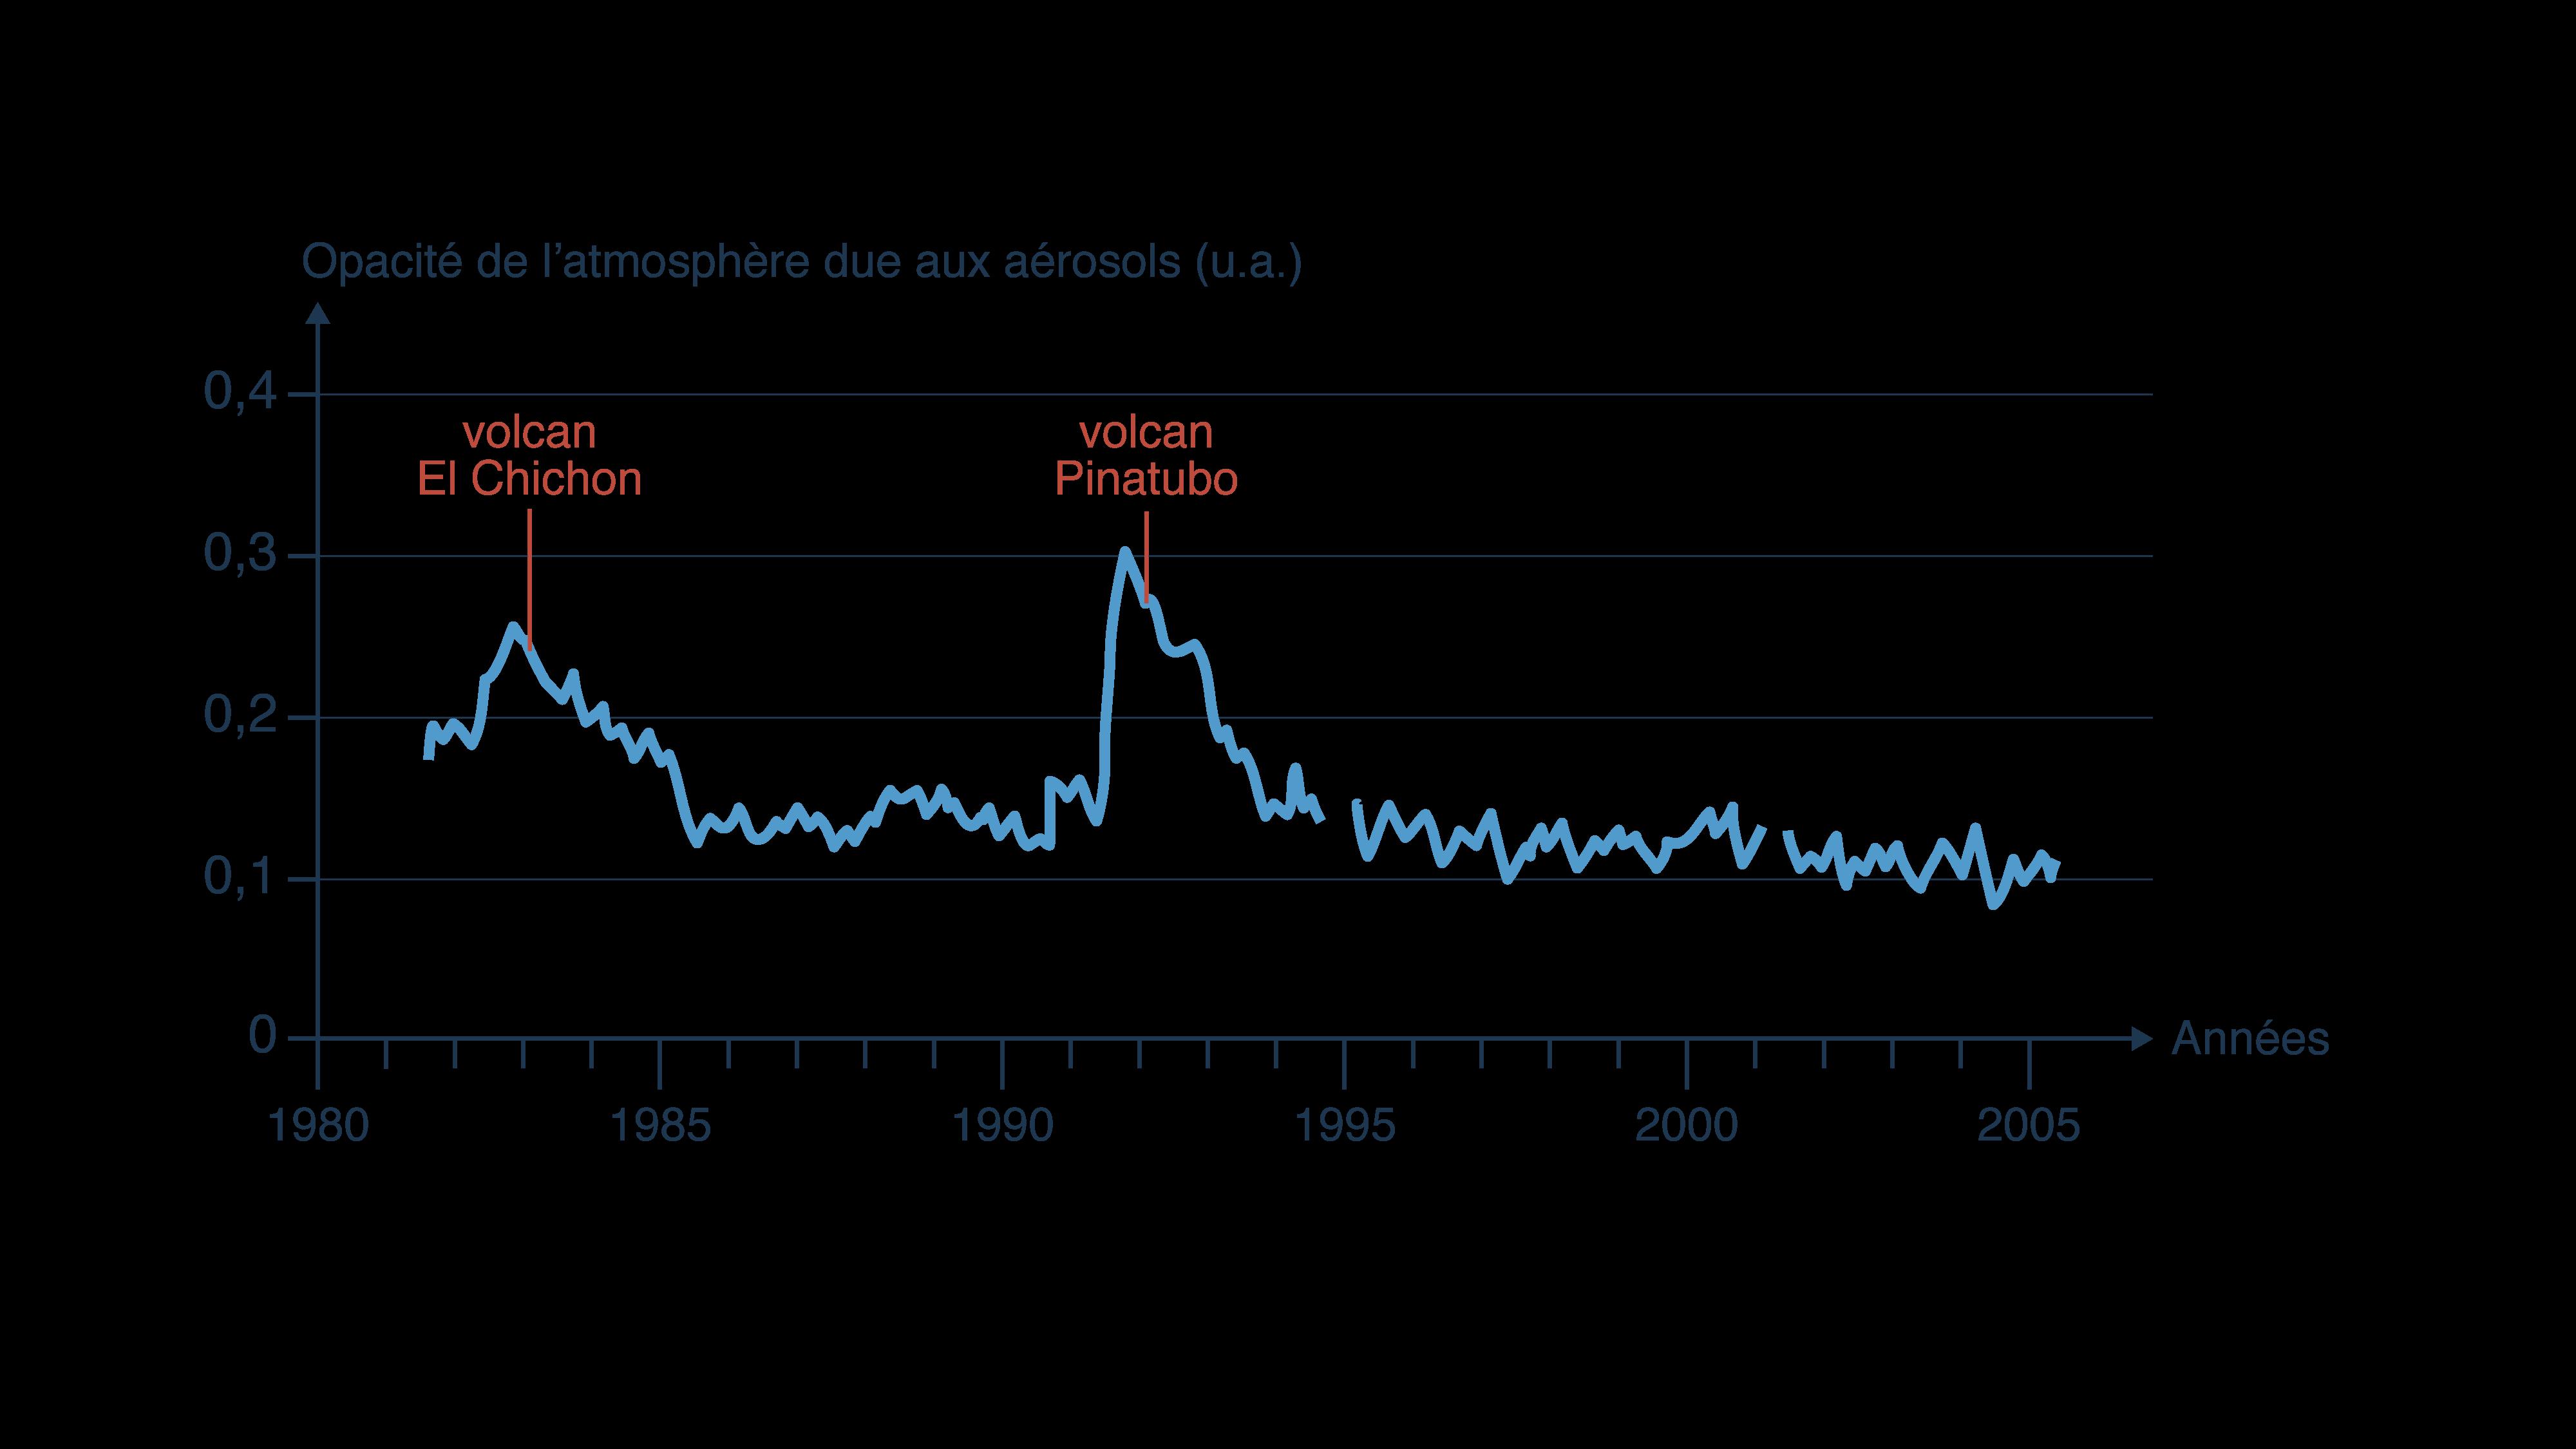 Impact des aérosols sur l'opacité de l'atmosphère lors de deux éruptions volcaniques